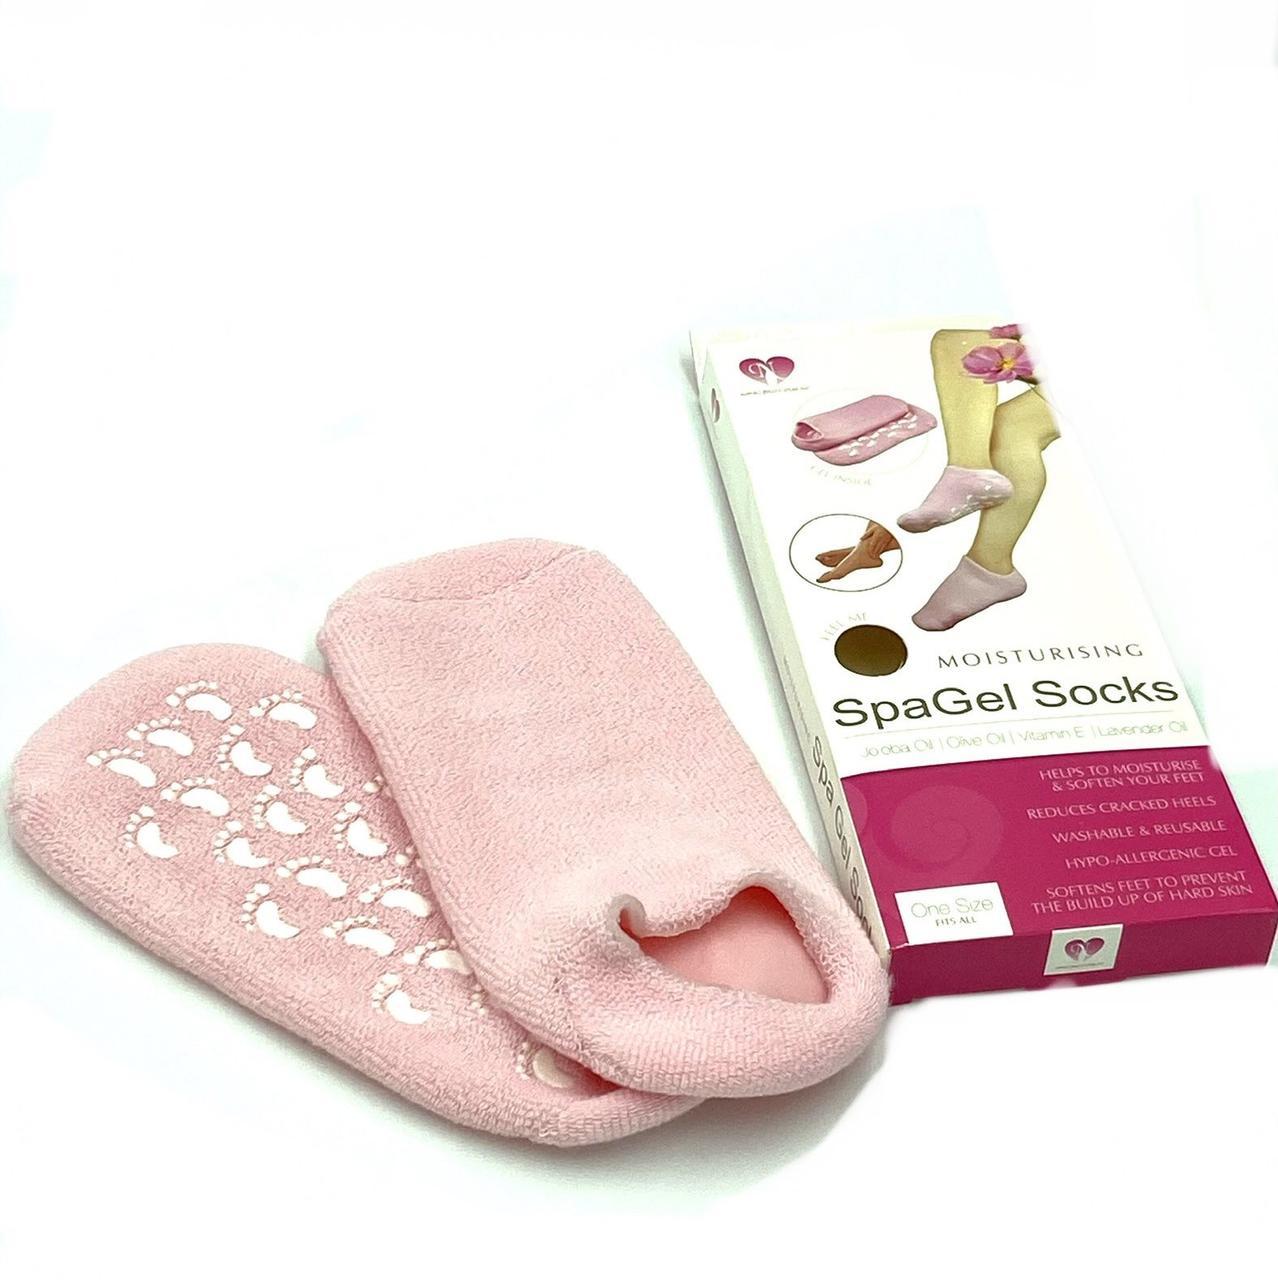 Косметические носки Spa Gel Socks для холодной парафинотерапии, 1 пара